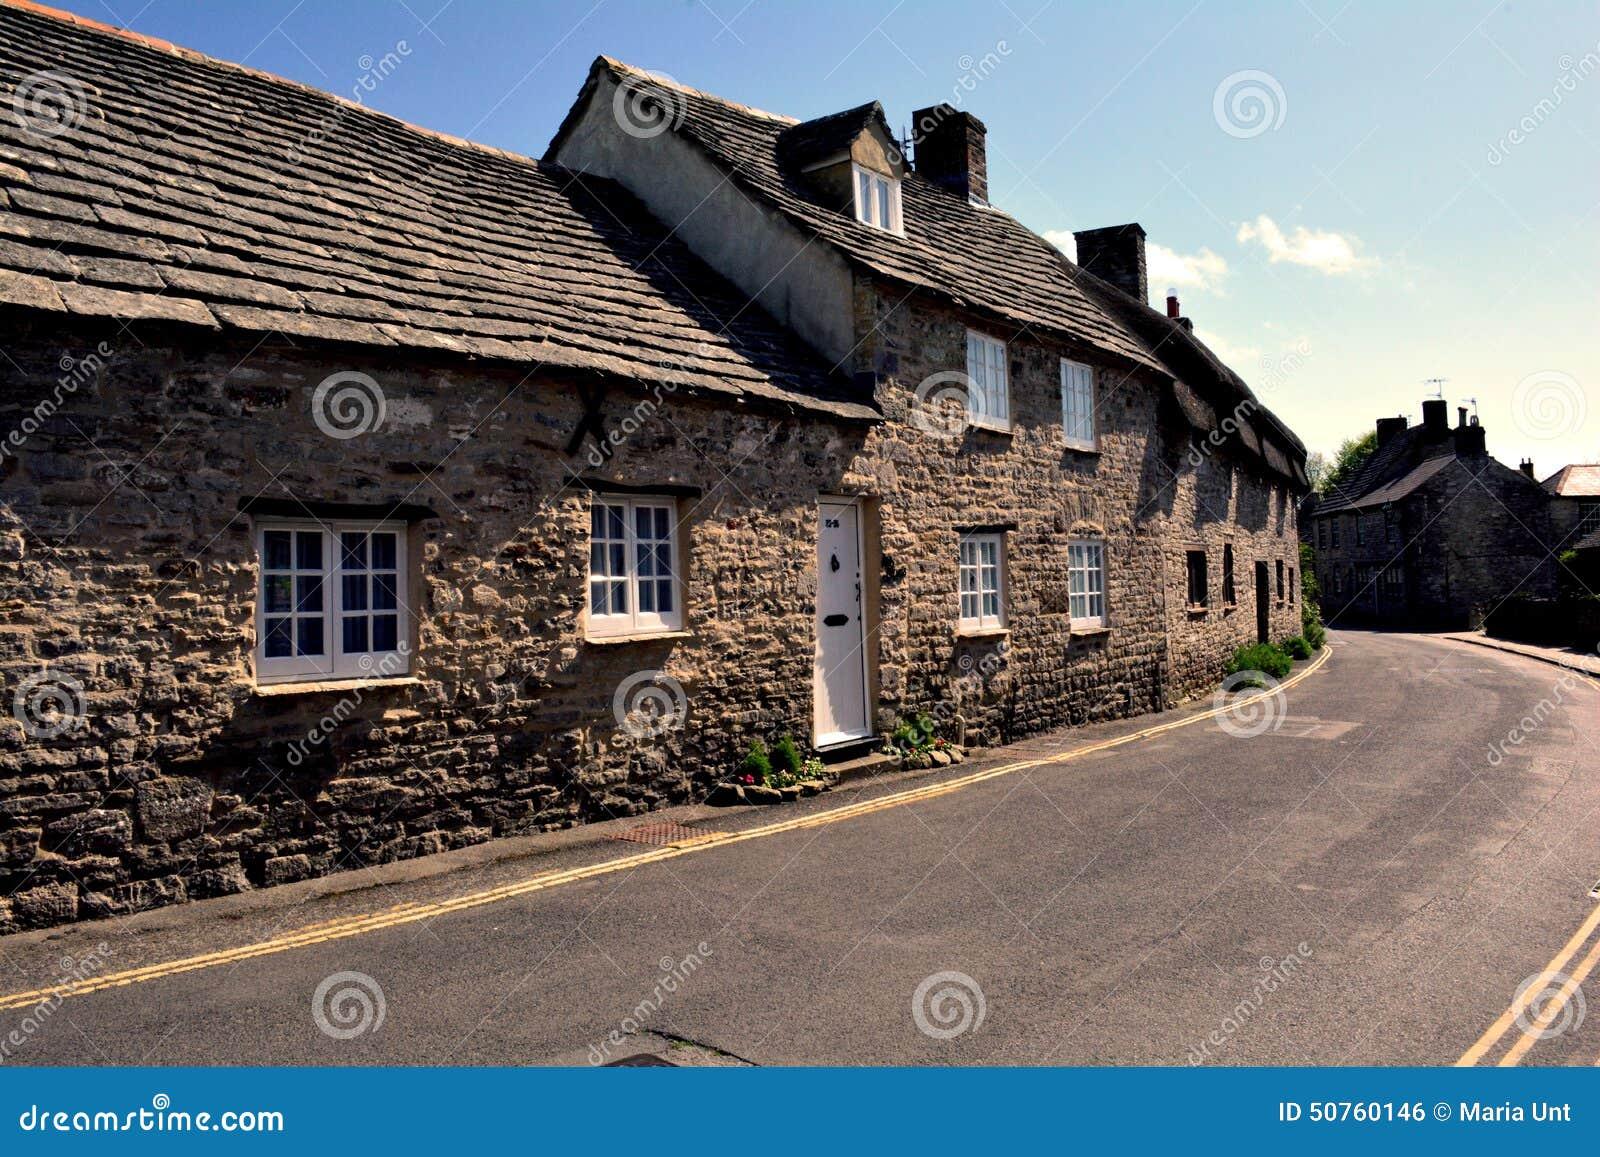 Village anglais typique de ch teau de corfe angleterre photo stock image - Objet typique anglais ...